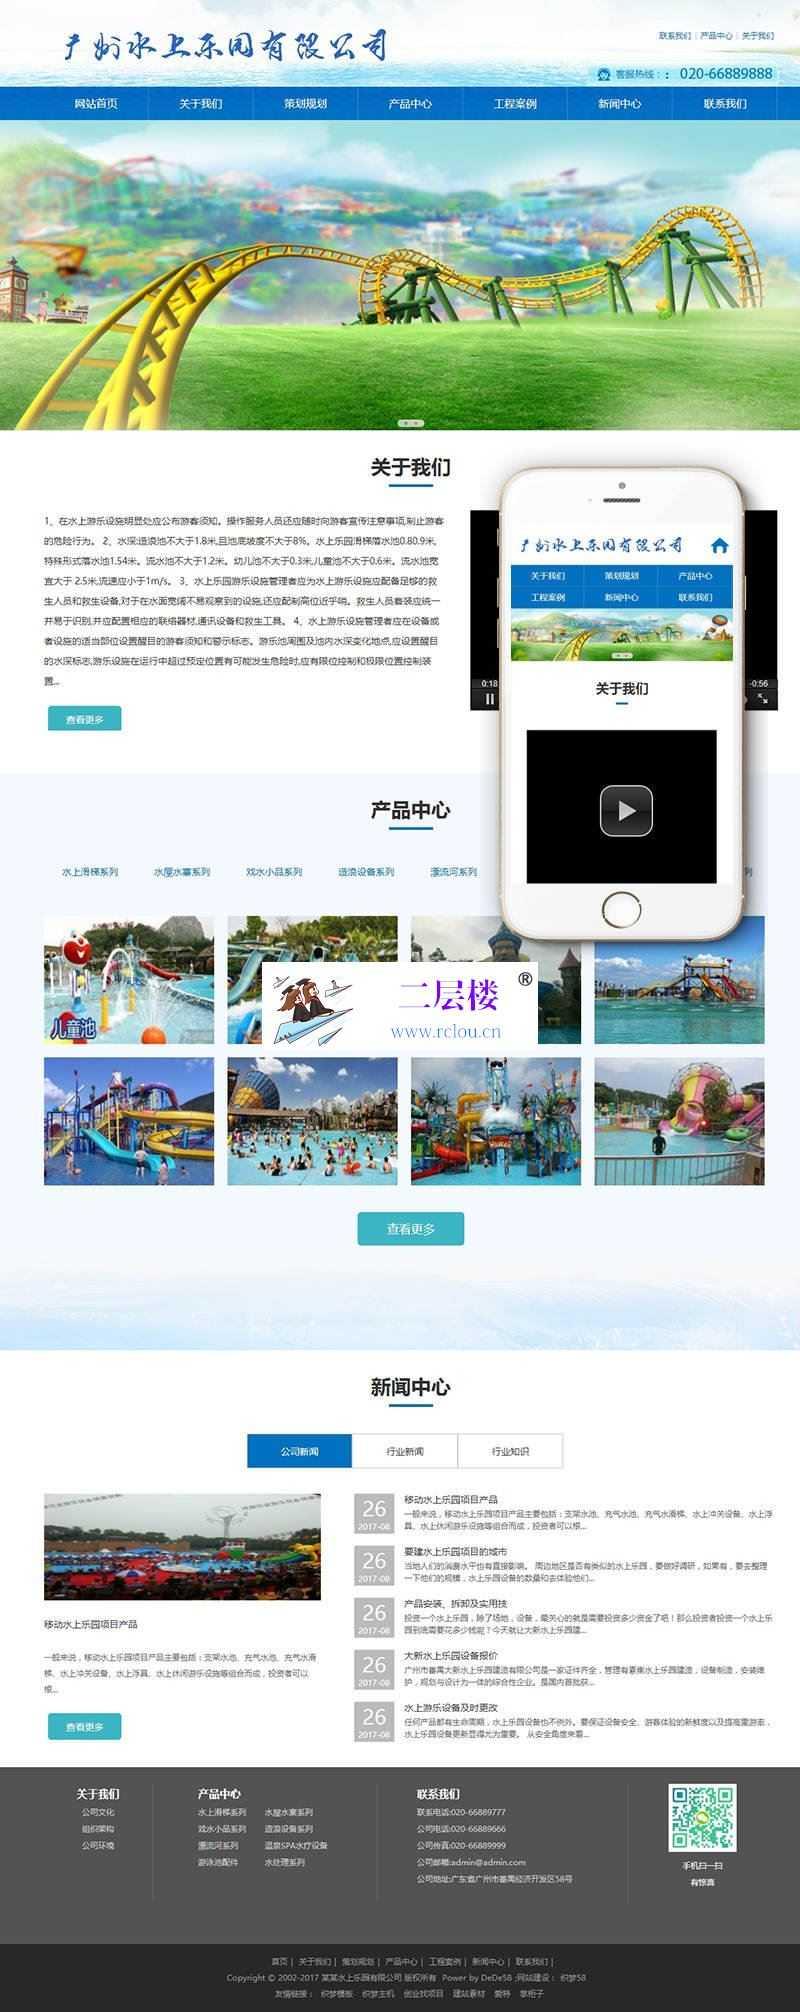 织梦响应式水上乐园设备类网站织梦模板(自适应手机端)_二层楼源码插图(1)